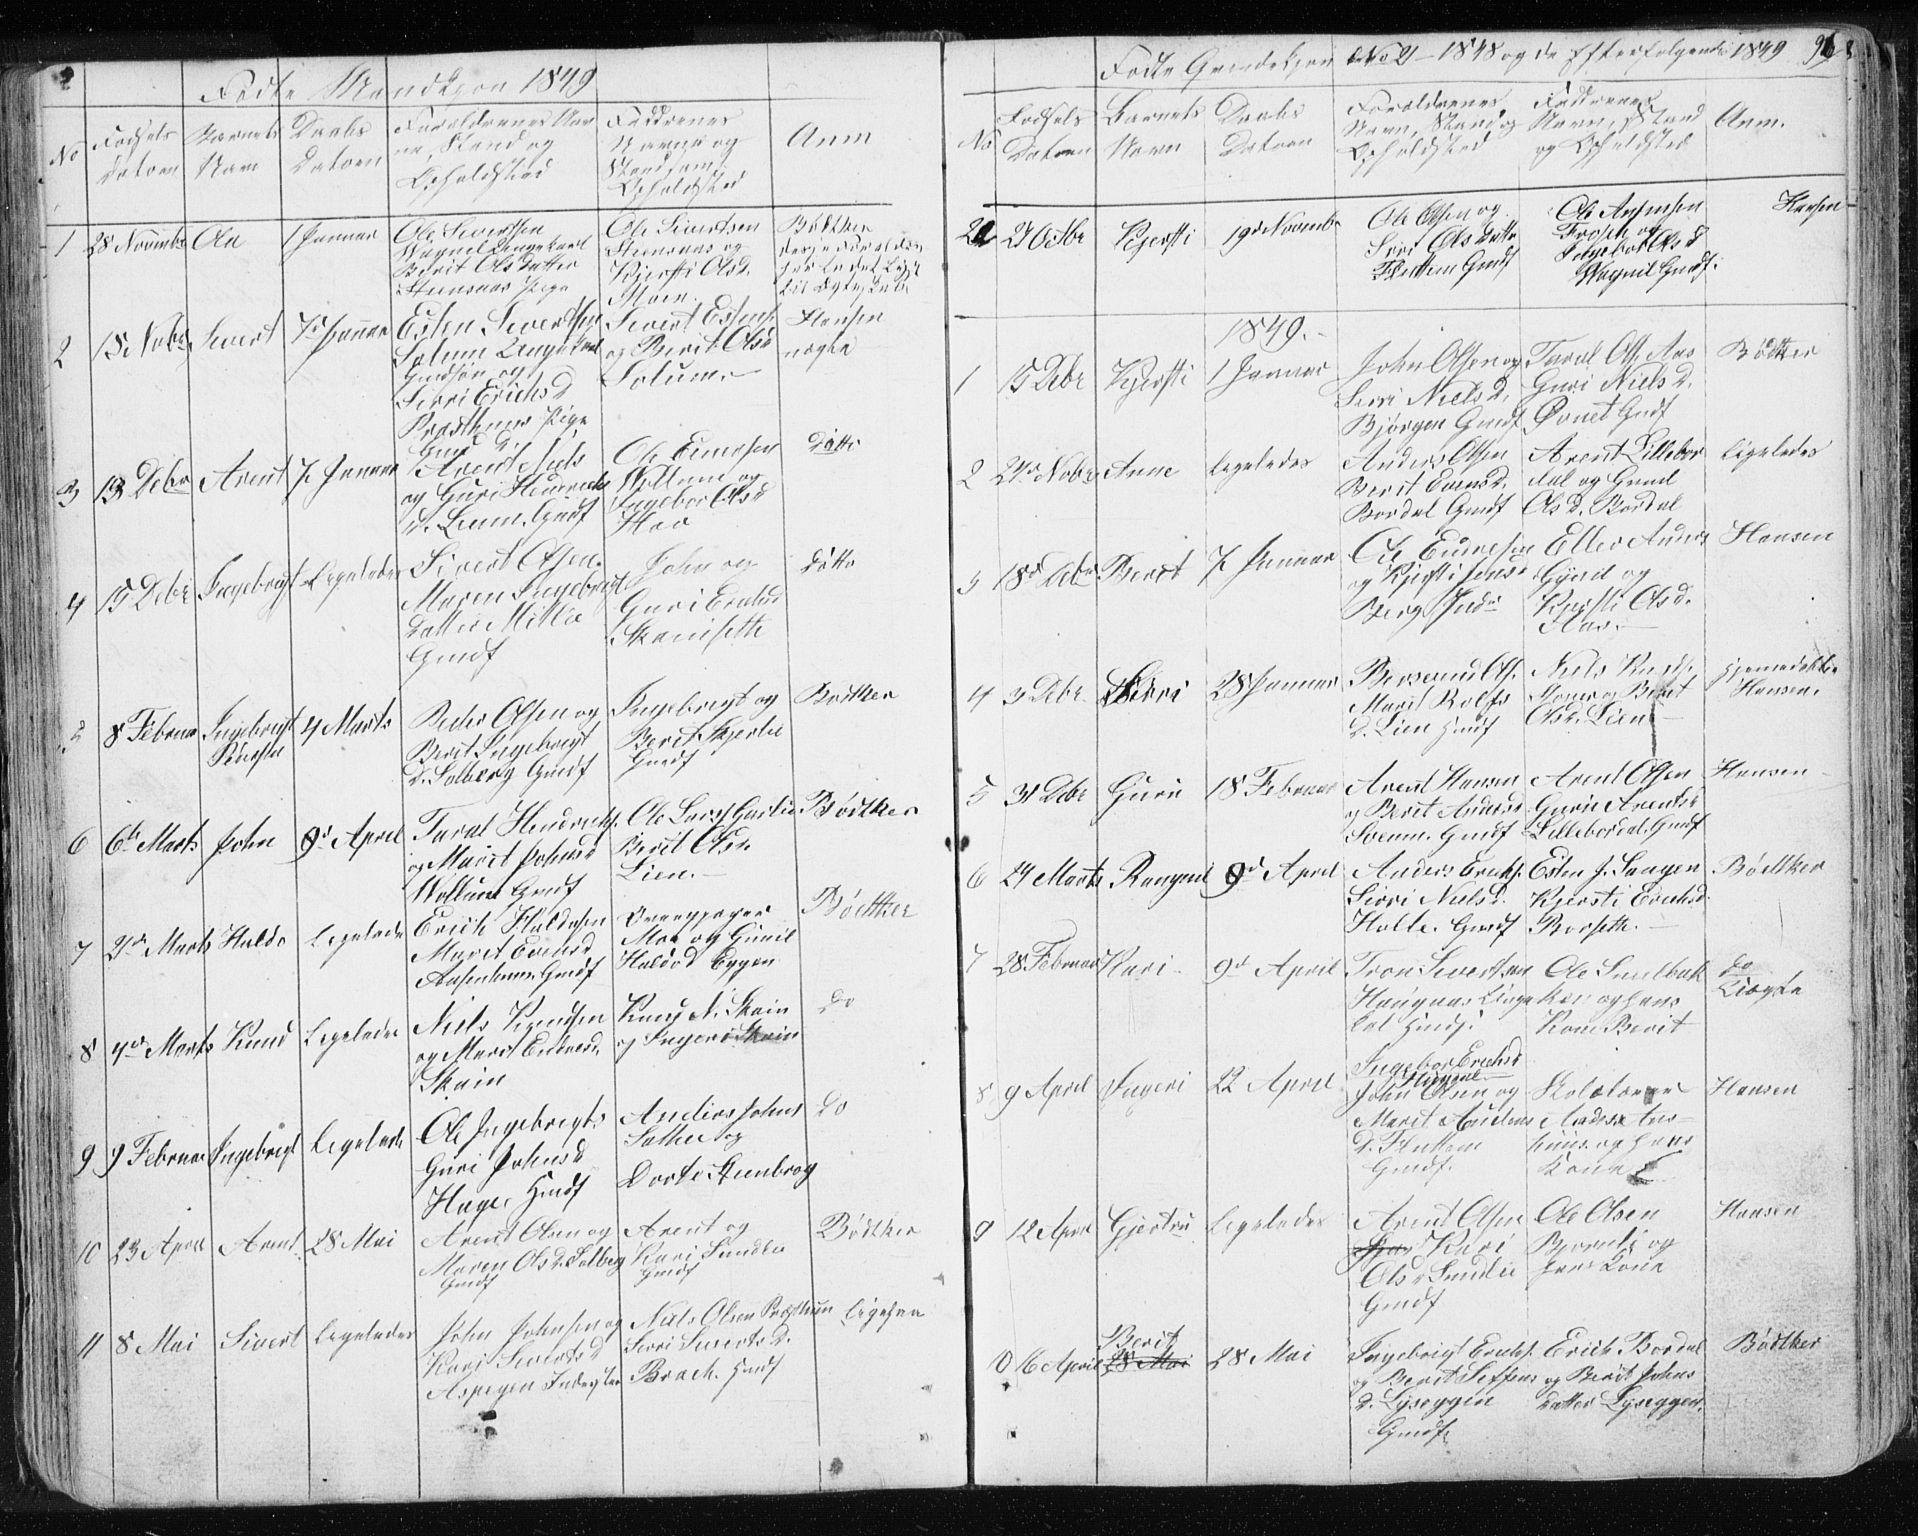 SAT, Ministerialprotokoller, klokkerbøker og fødselsregistre - Sør-Trøndelag, 689/L1043: Klokkerbok nr. 689C02, 1816-1892, s. 96